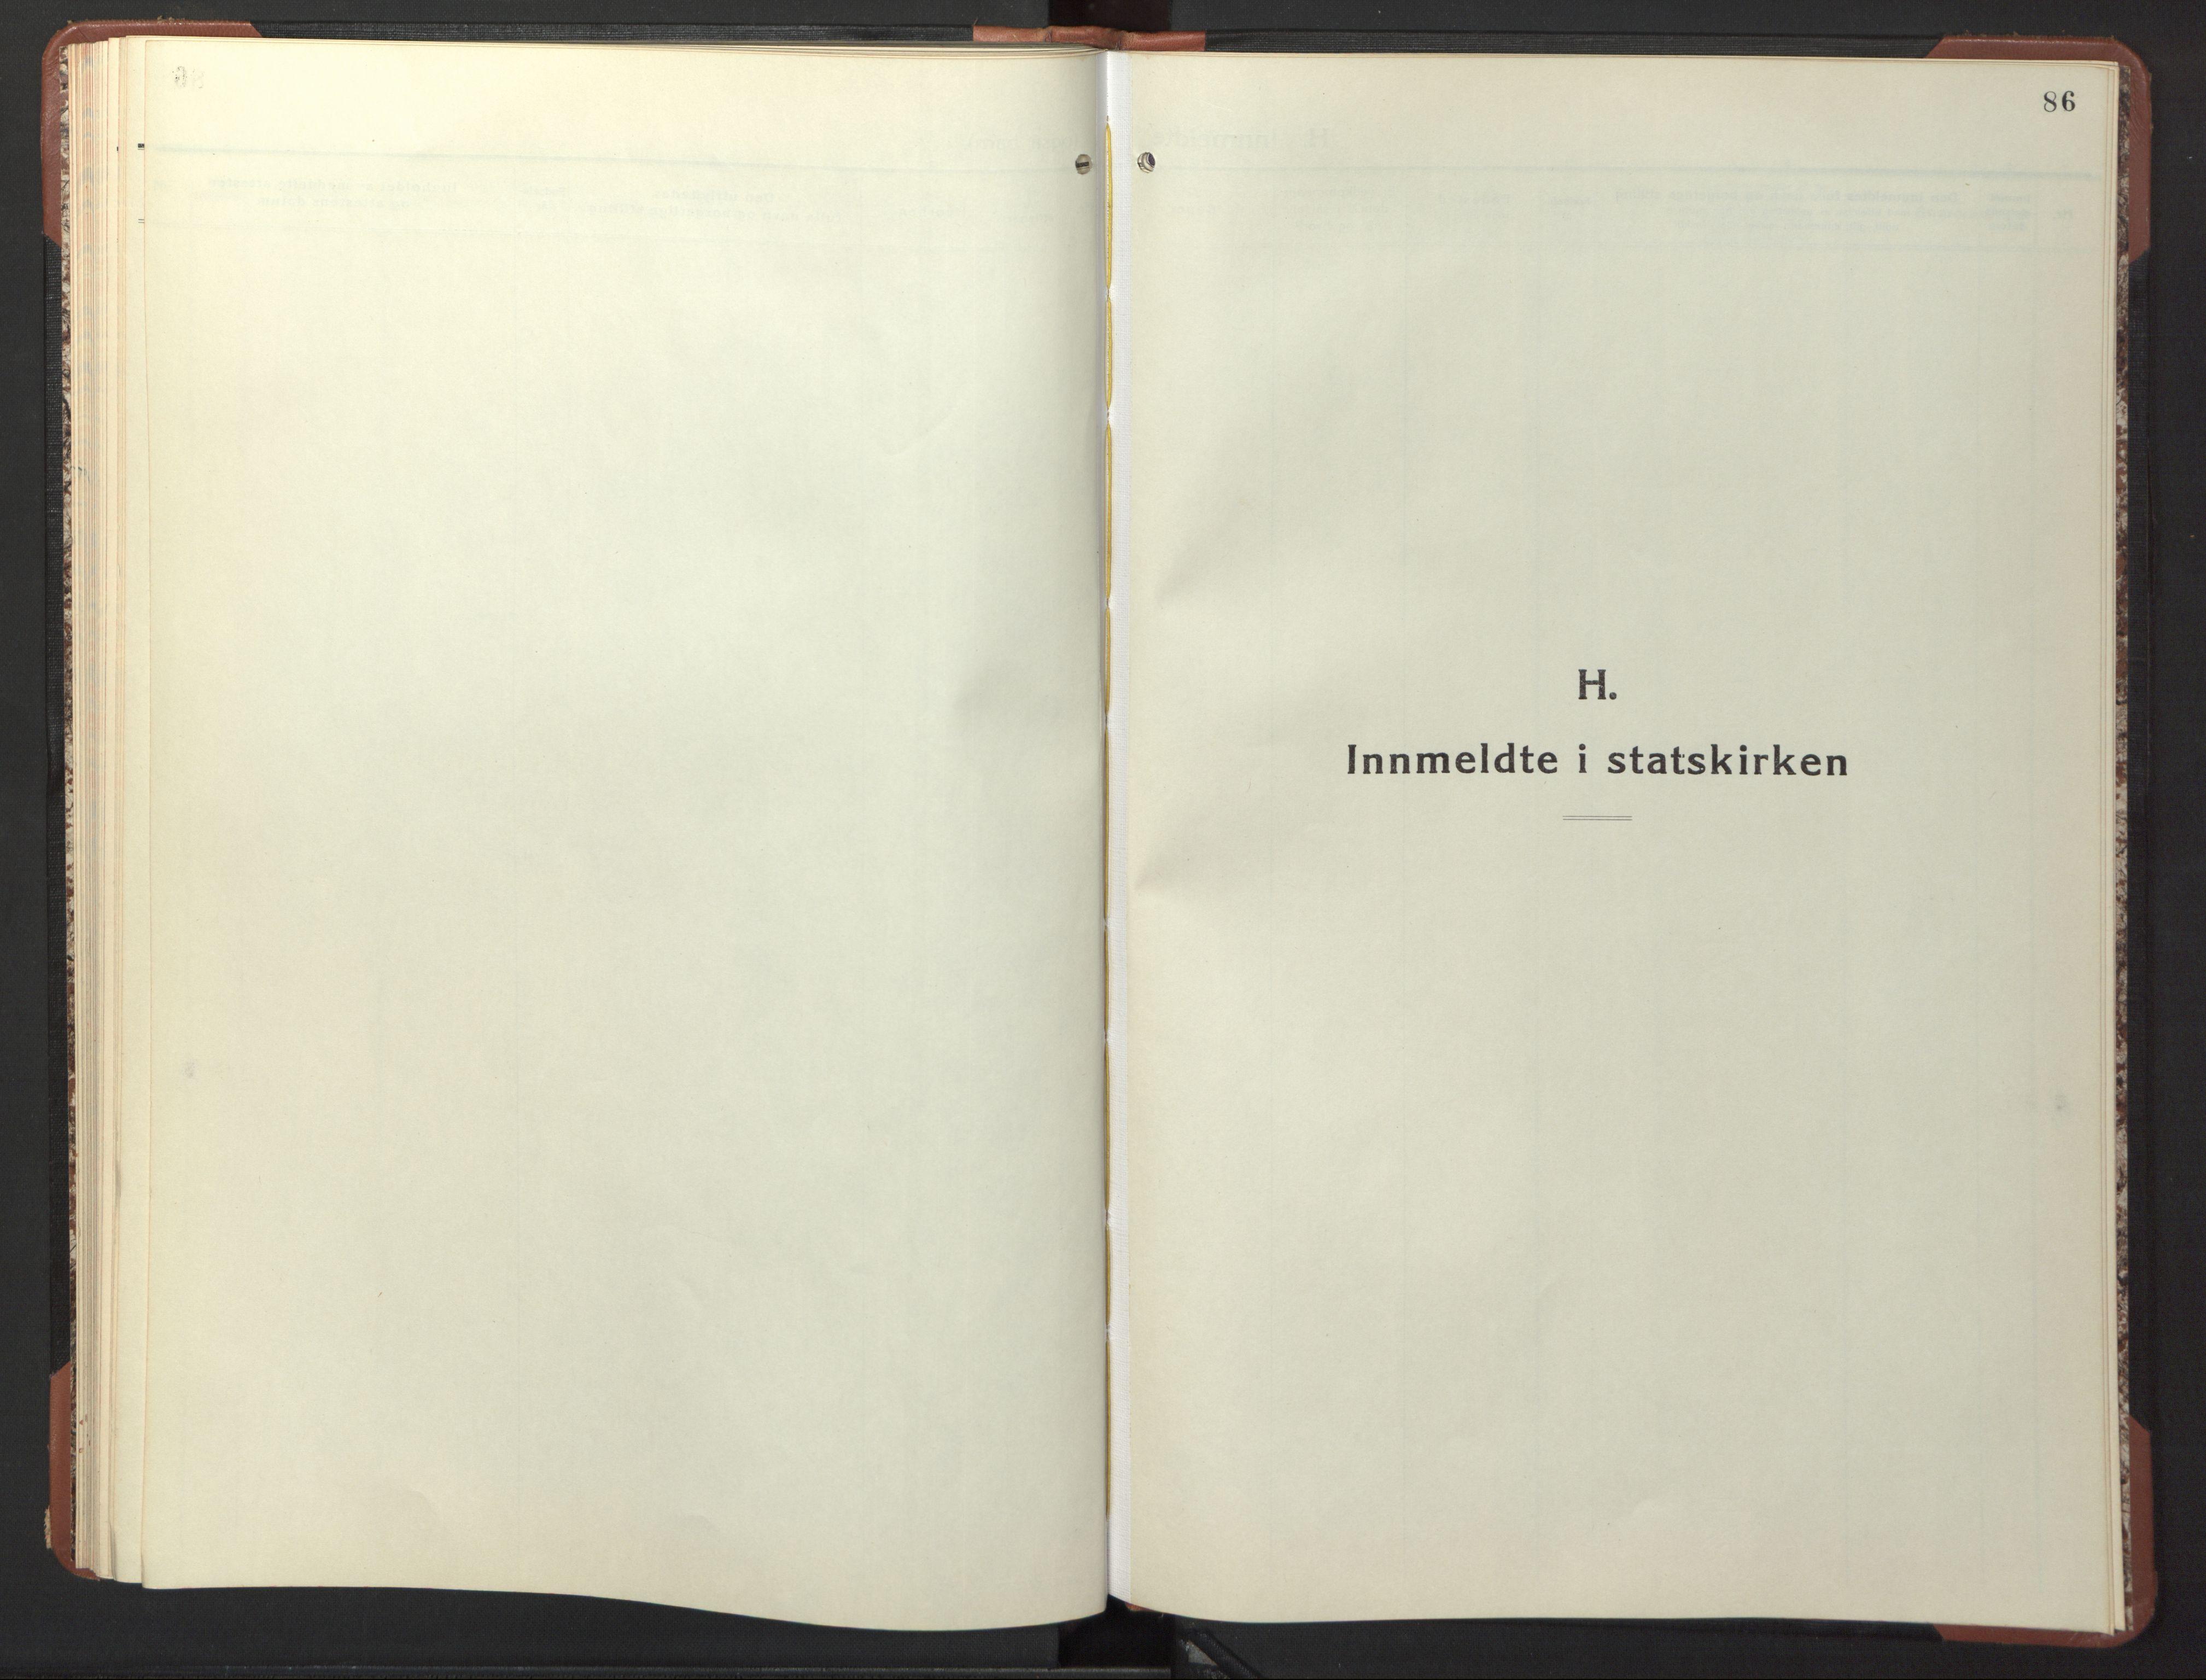 SAT, Ministerialprotokoller, klokkerbøker og fødselsregistre - Sør-Trøndelag, 617/L0433: Klokkerbok nr. 617C04, 1942-1947, s. 86